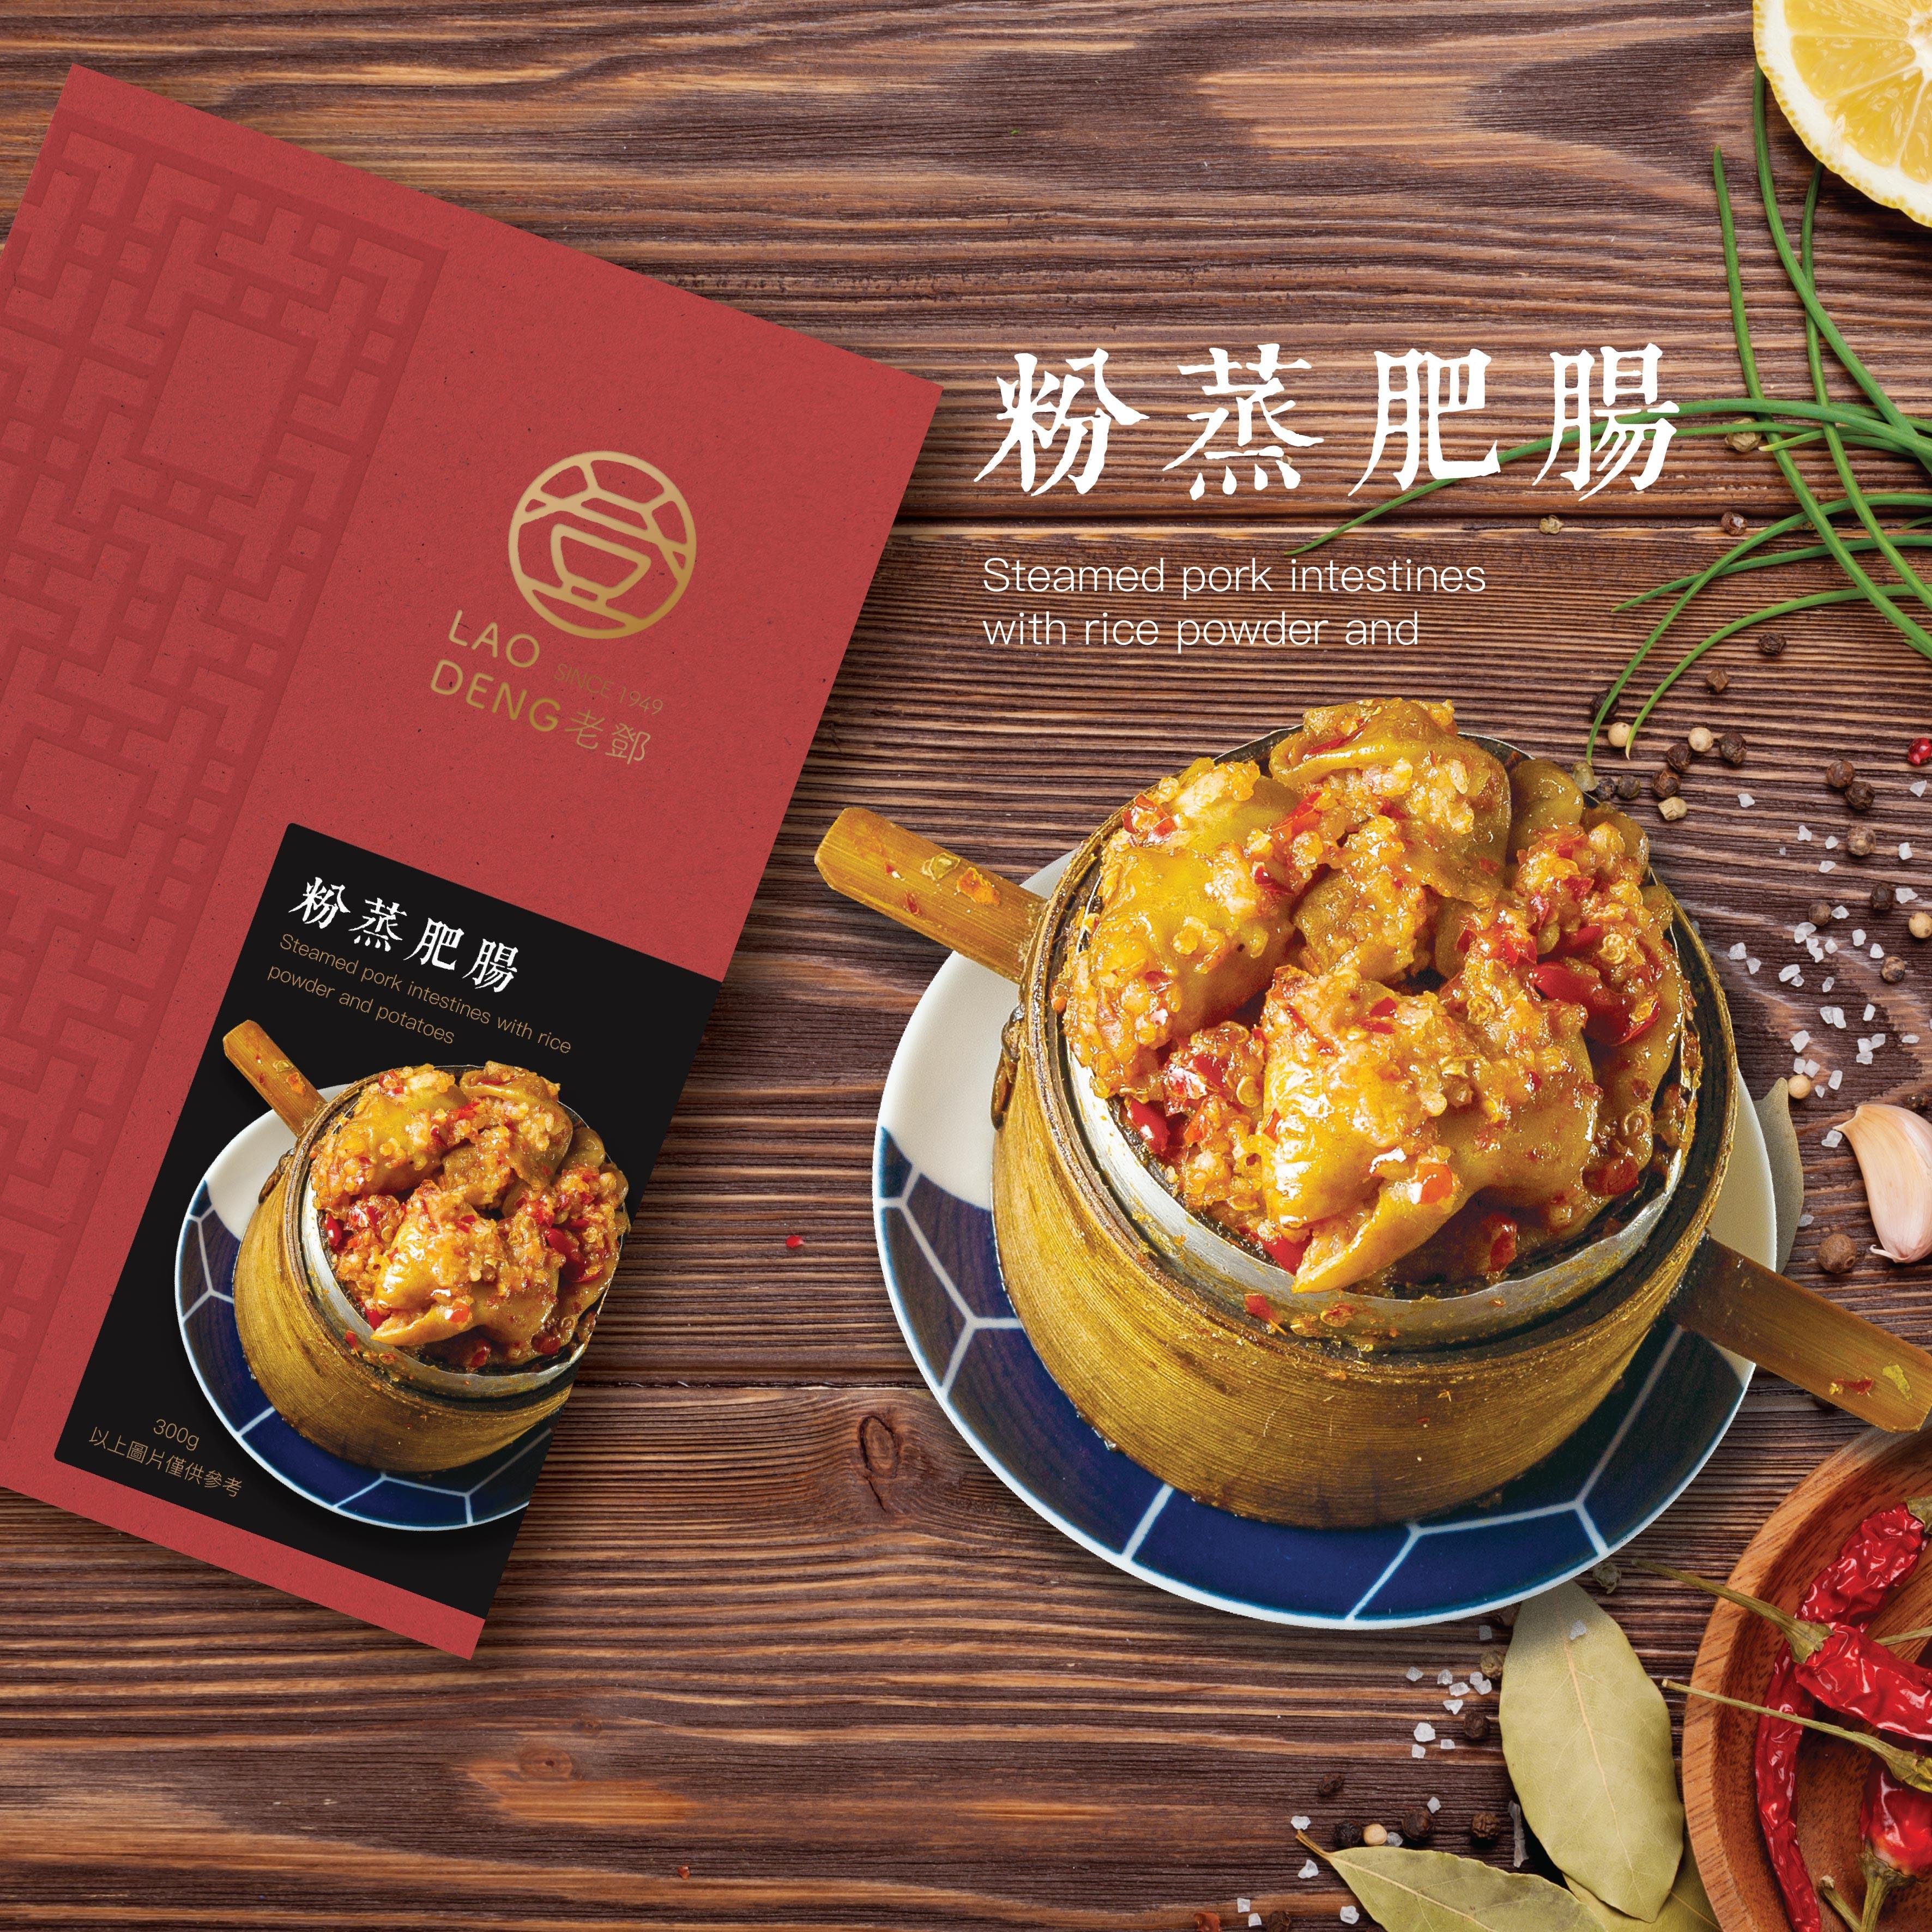 《老鄧 Lao Deng 1949》[經典小菜系列] 粉蒸肥腸